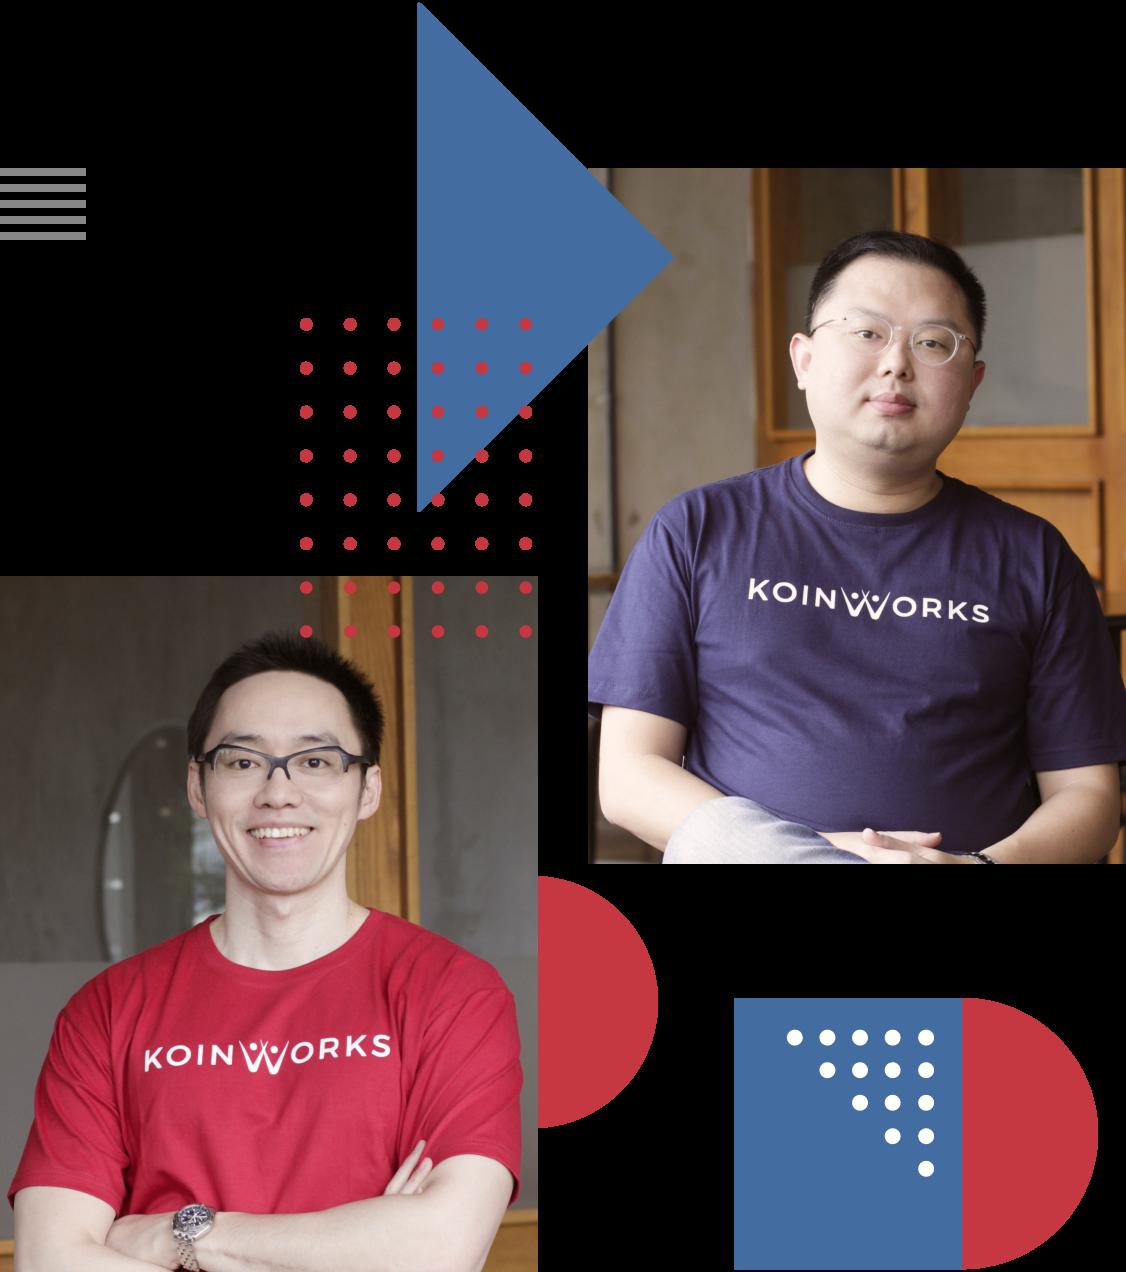 Founder KoinWorks